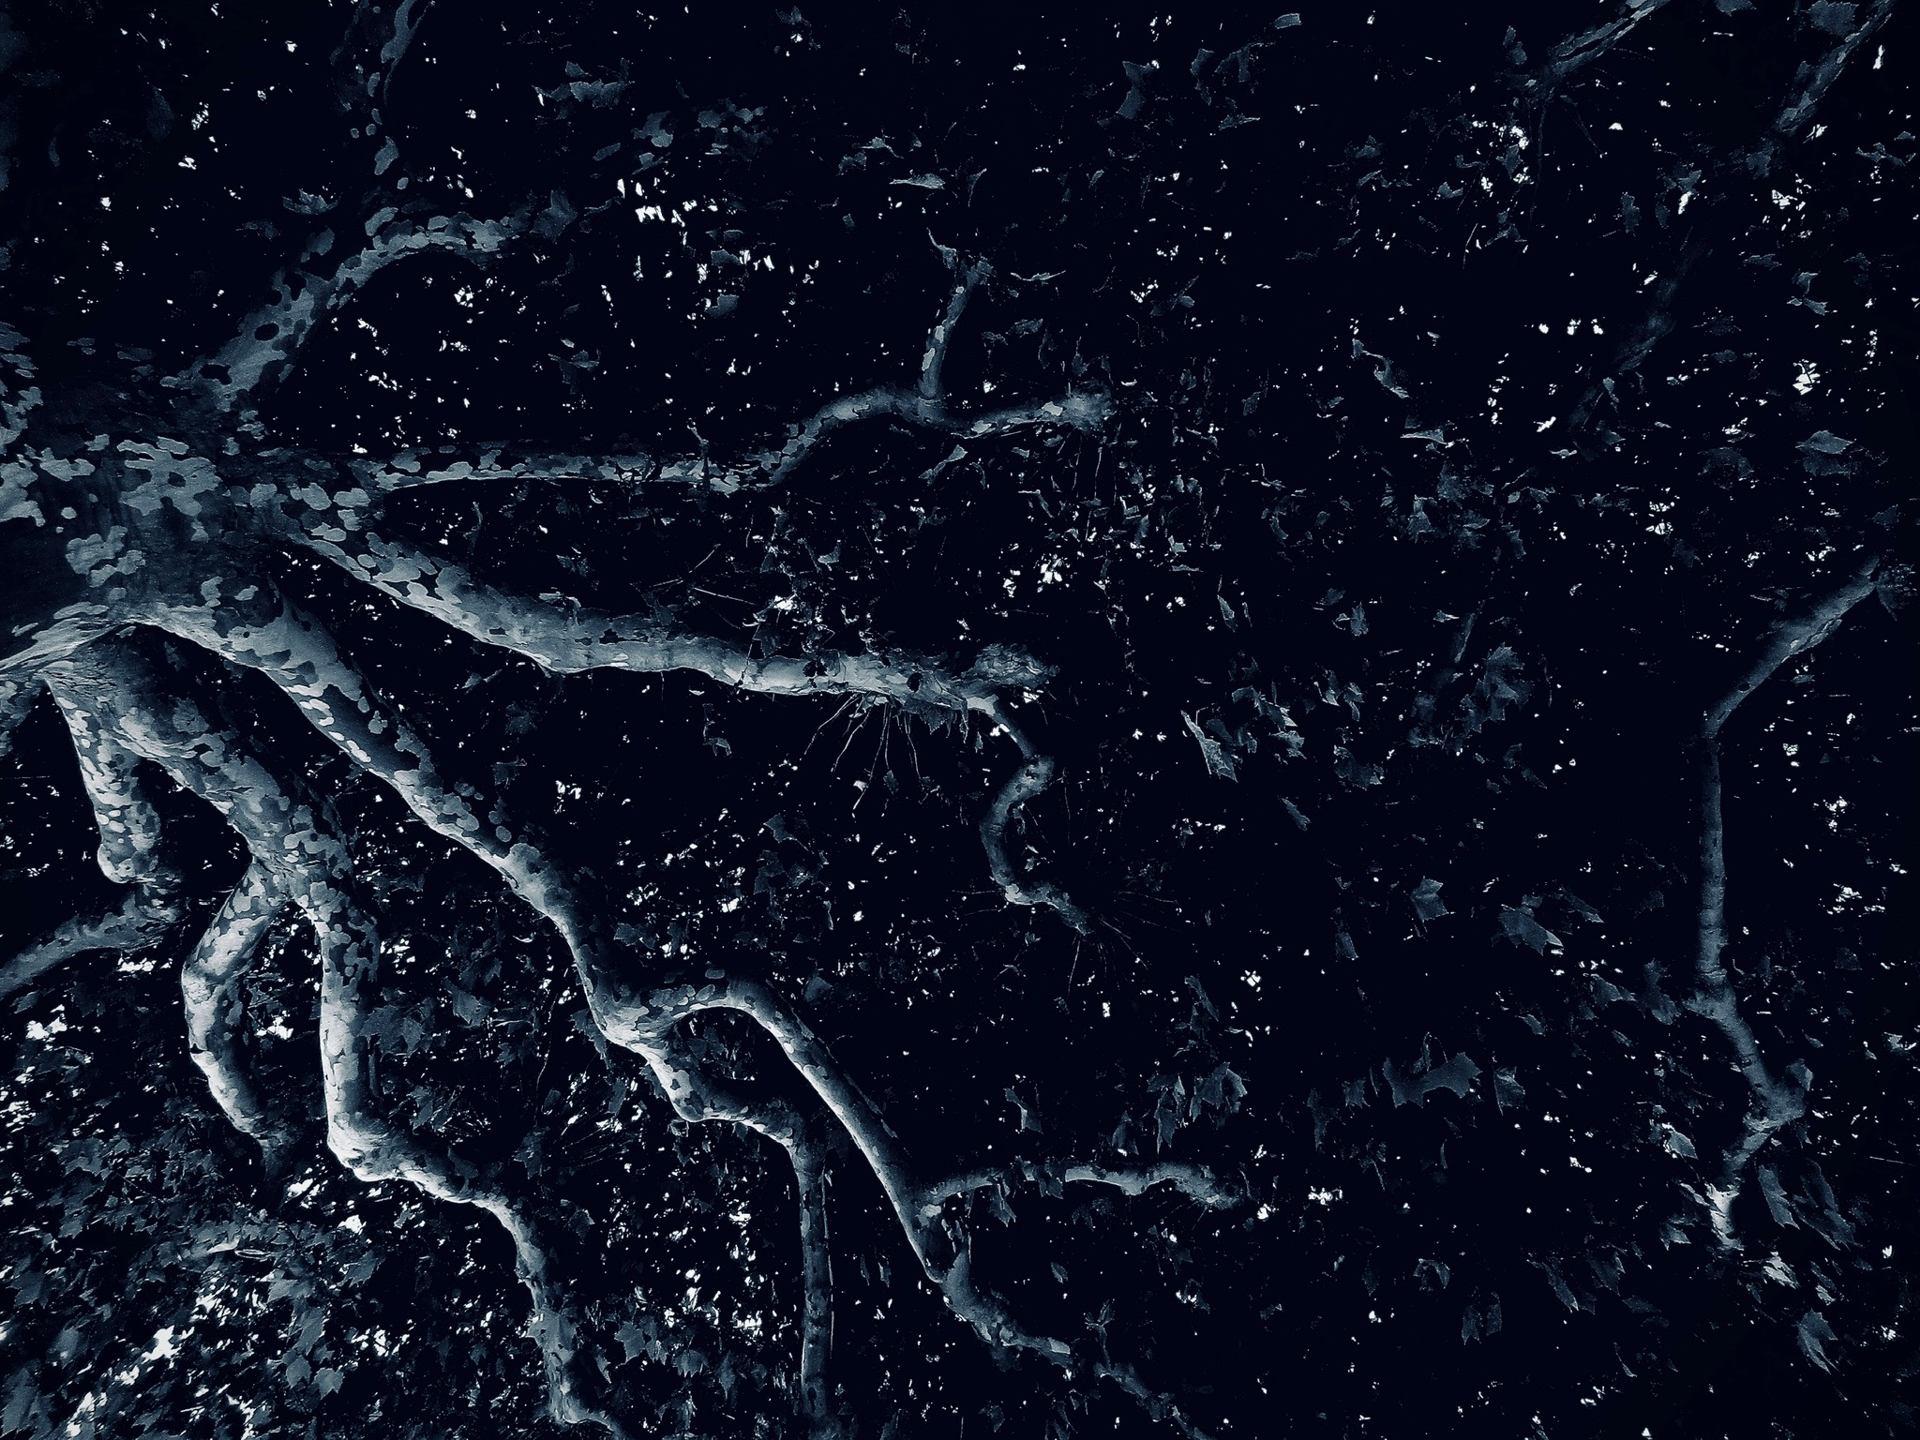 La constellation du poulpe.